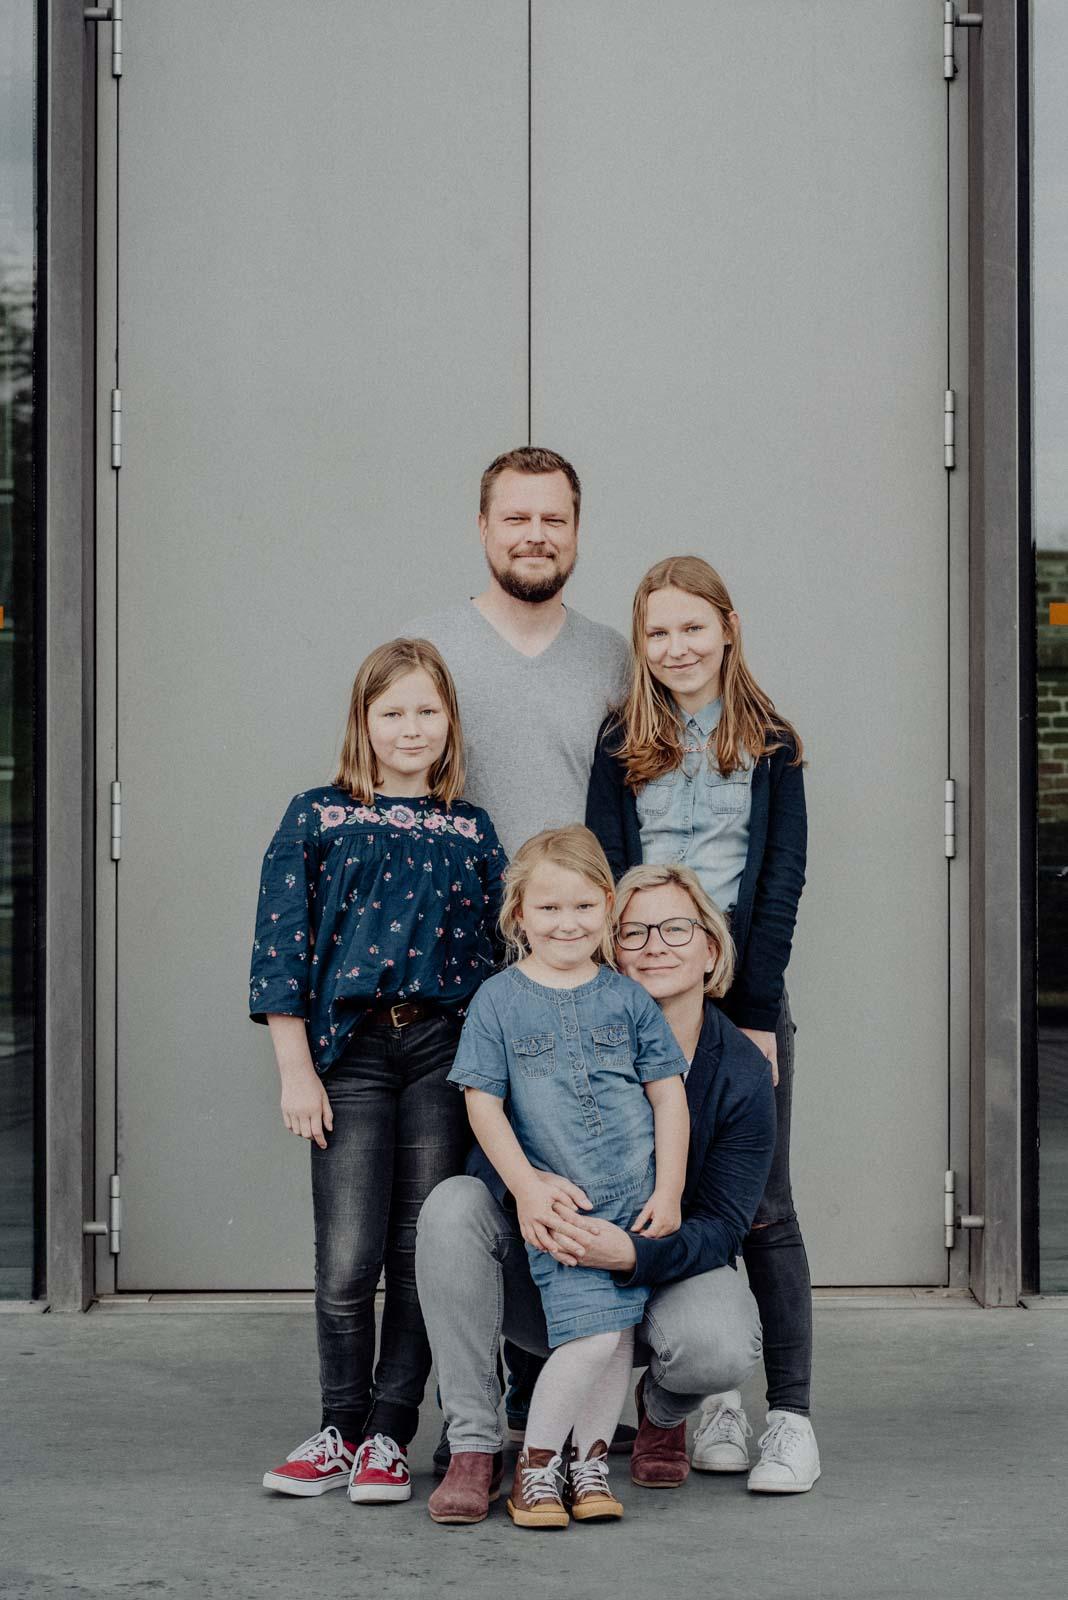 013-ungestellte-familienfotos-familienshooting-bochum-industrie-jahrhunderthalle